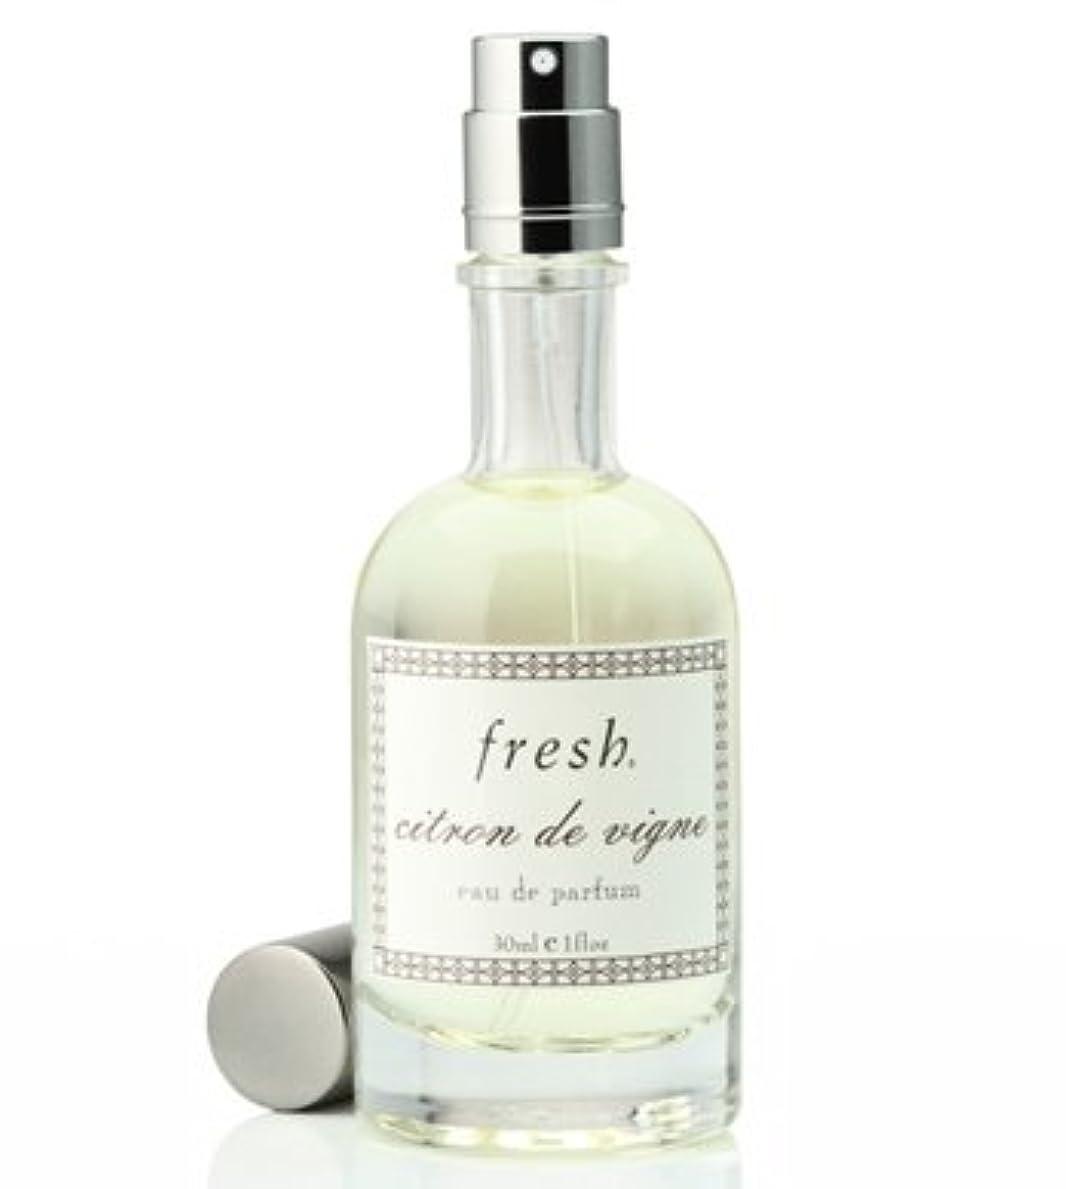 ピアニストオデュッセウス敵対的Fresh CITRON DE VIGNE (フレッシュ シトロンデヴァイン) 1.0 oz (30ml) EDP Spray by Fresh for Women